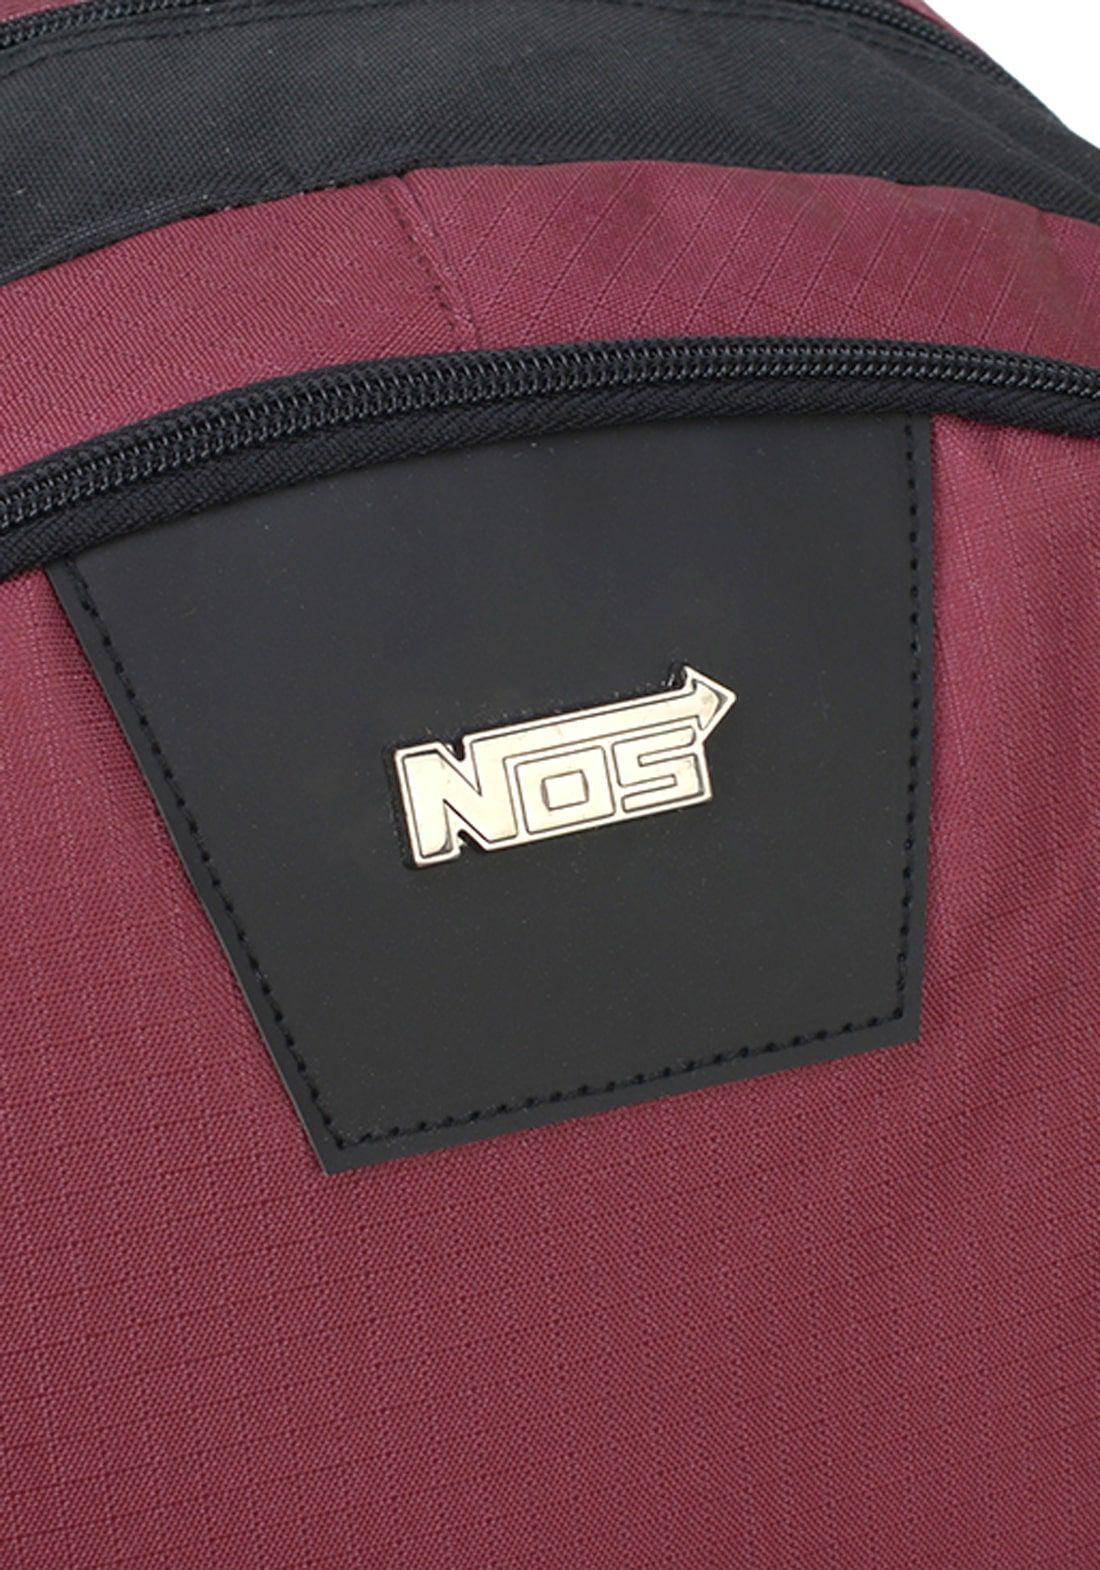 Mochila Notebook NOS Vinho Alça Costas Original NF Garantia